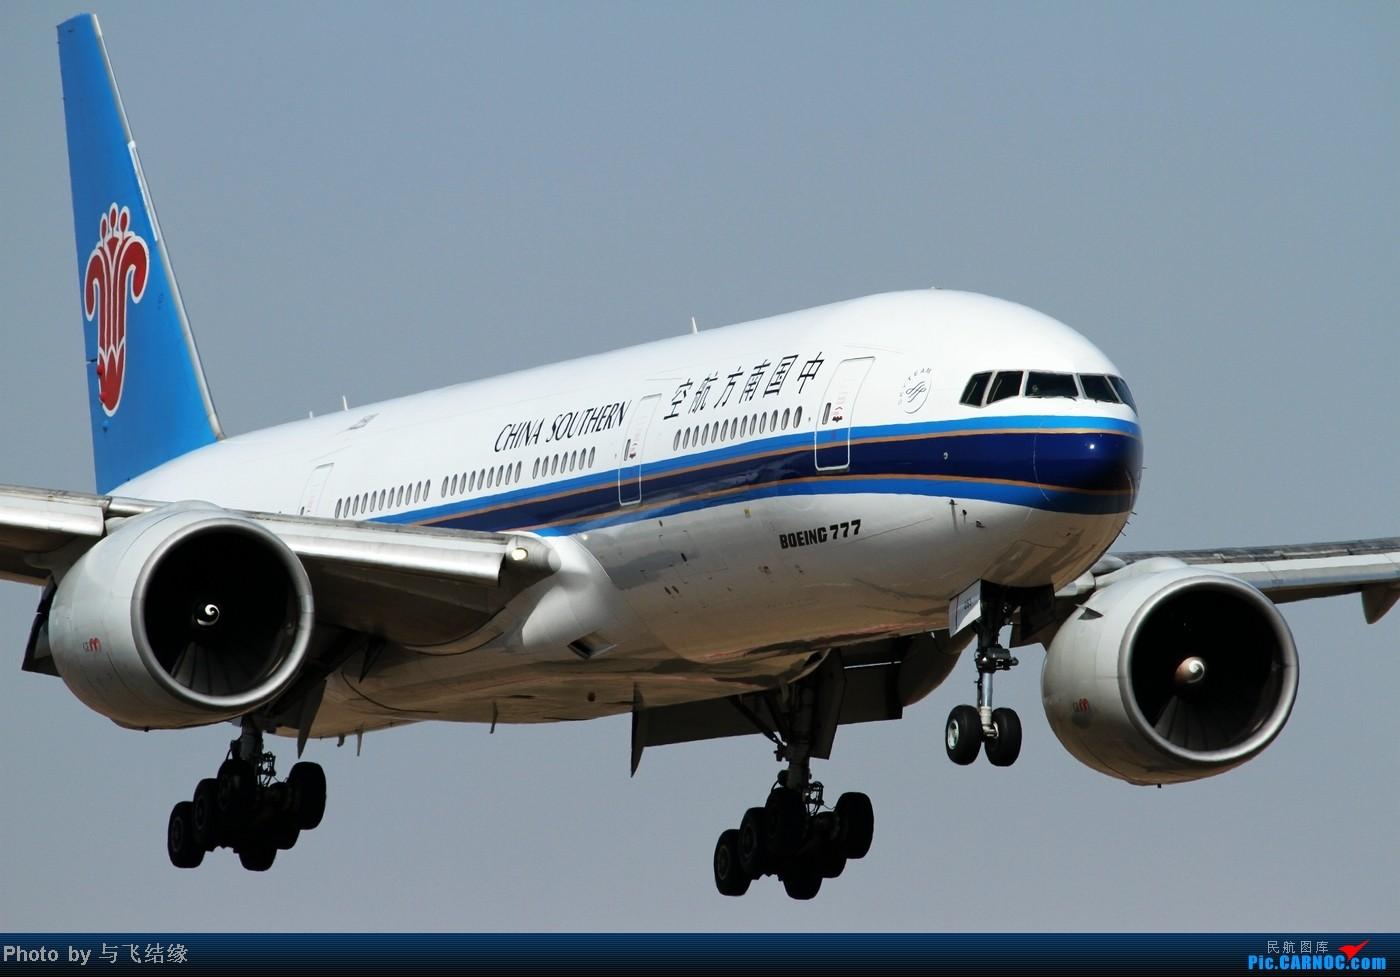 Re:[原创]喜欢777吗?九家航空公司的777大头近进照,777控们进来看看。 BOEING 777-200 B-2053 中国北京首都机场